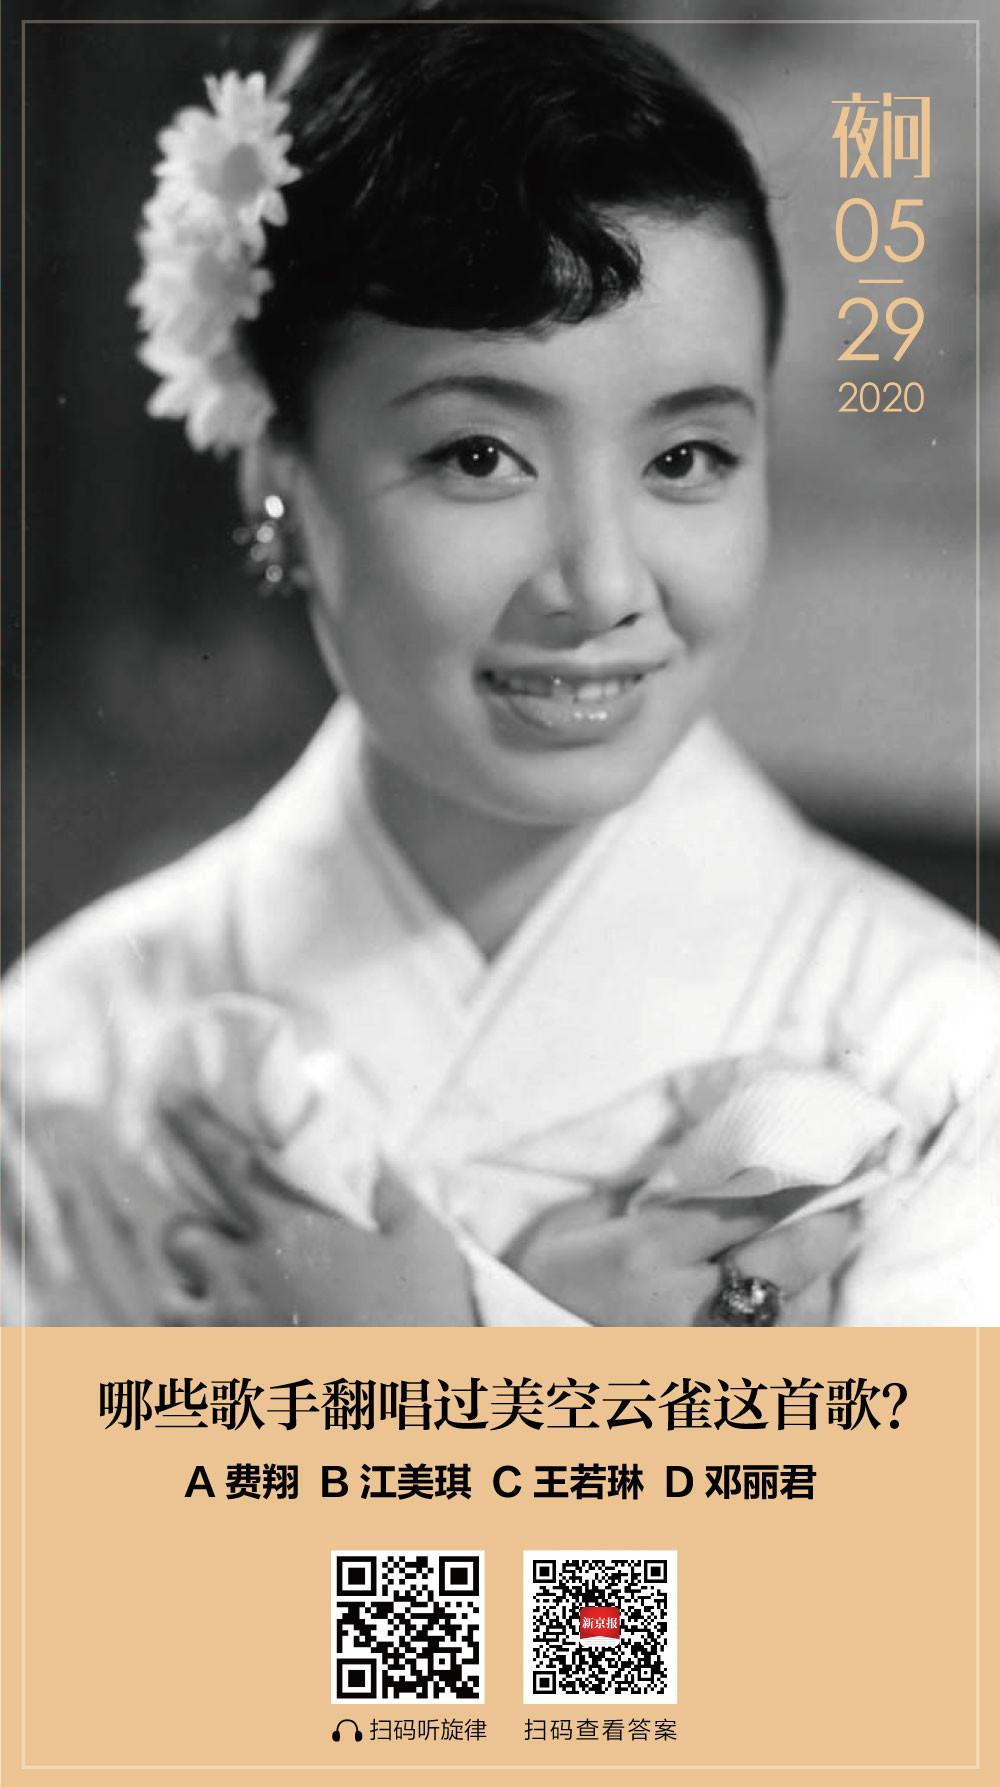 贏咖3:她在中國贏咖3少有人知但翻唱圖片